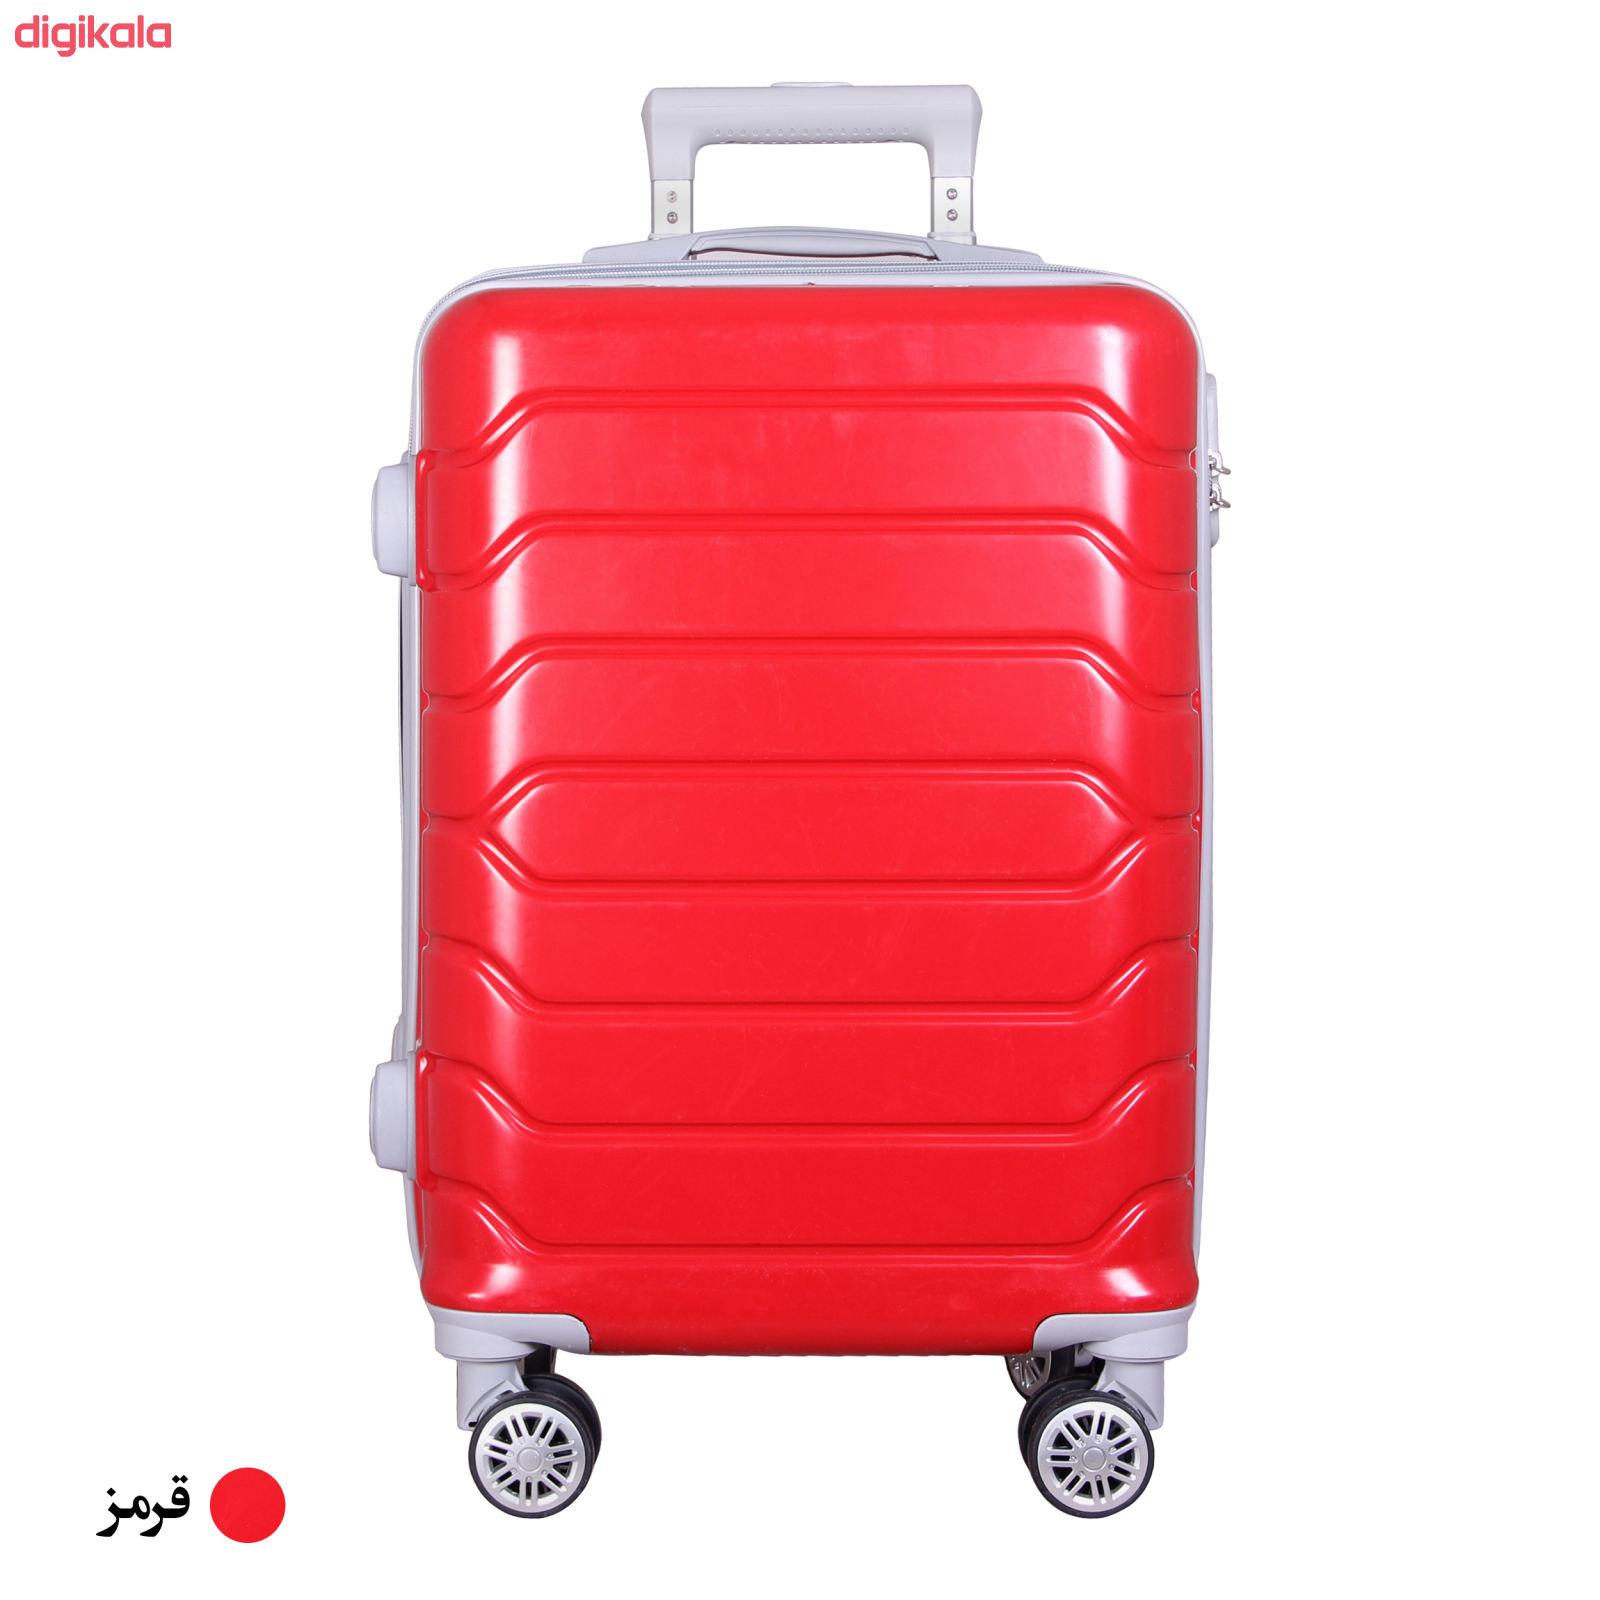 مجموعه سه عددی چمدان مدل 10021 main 1 30